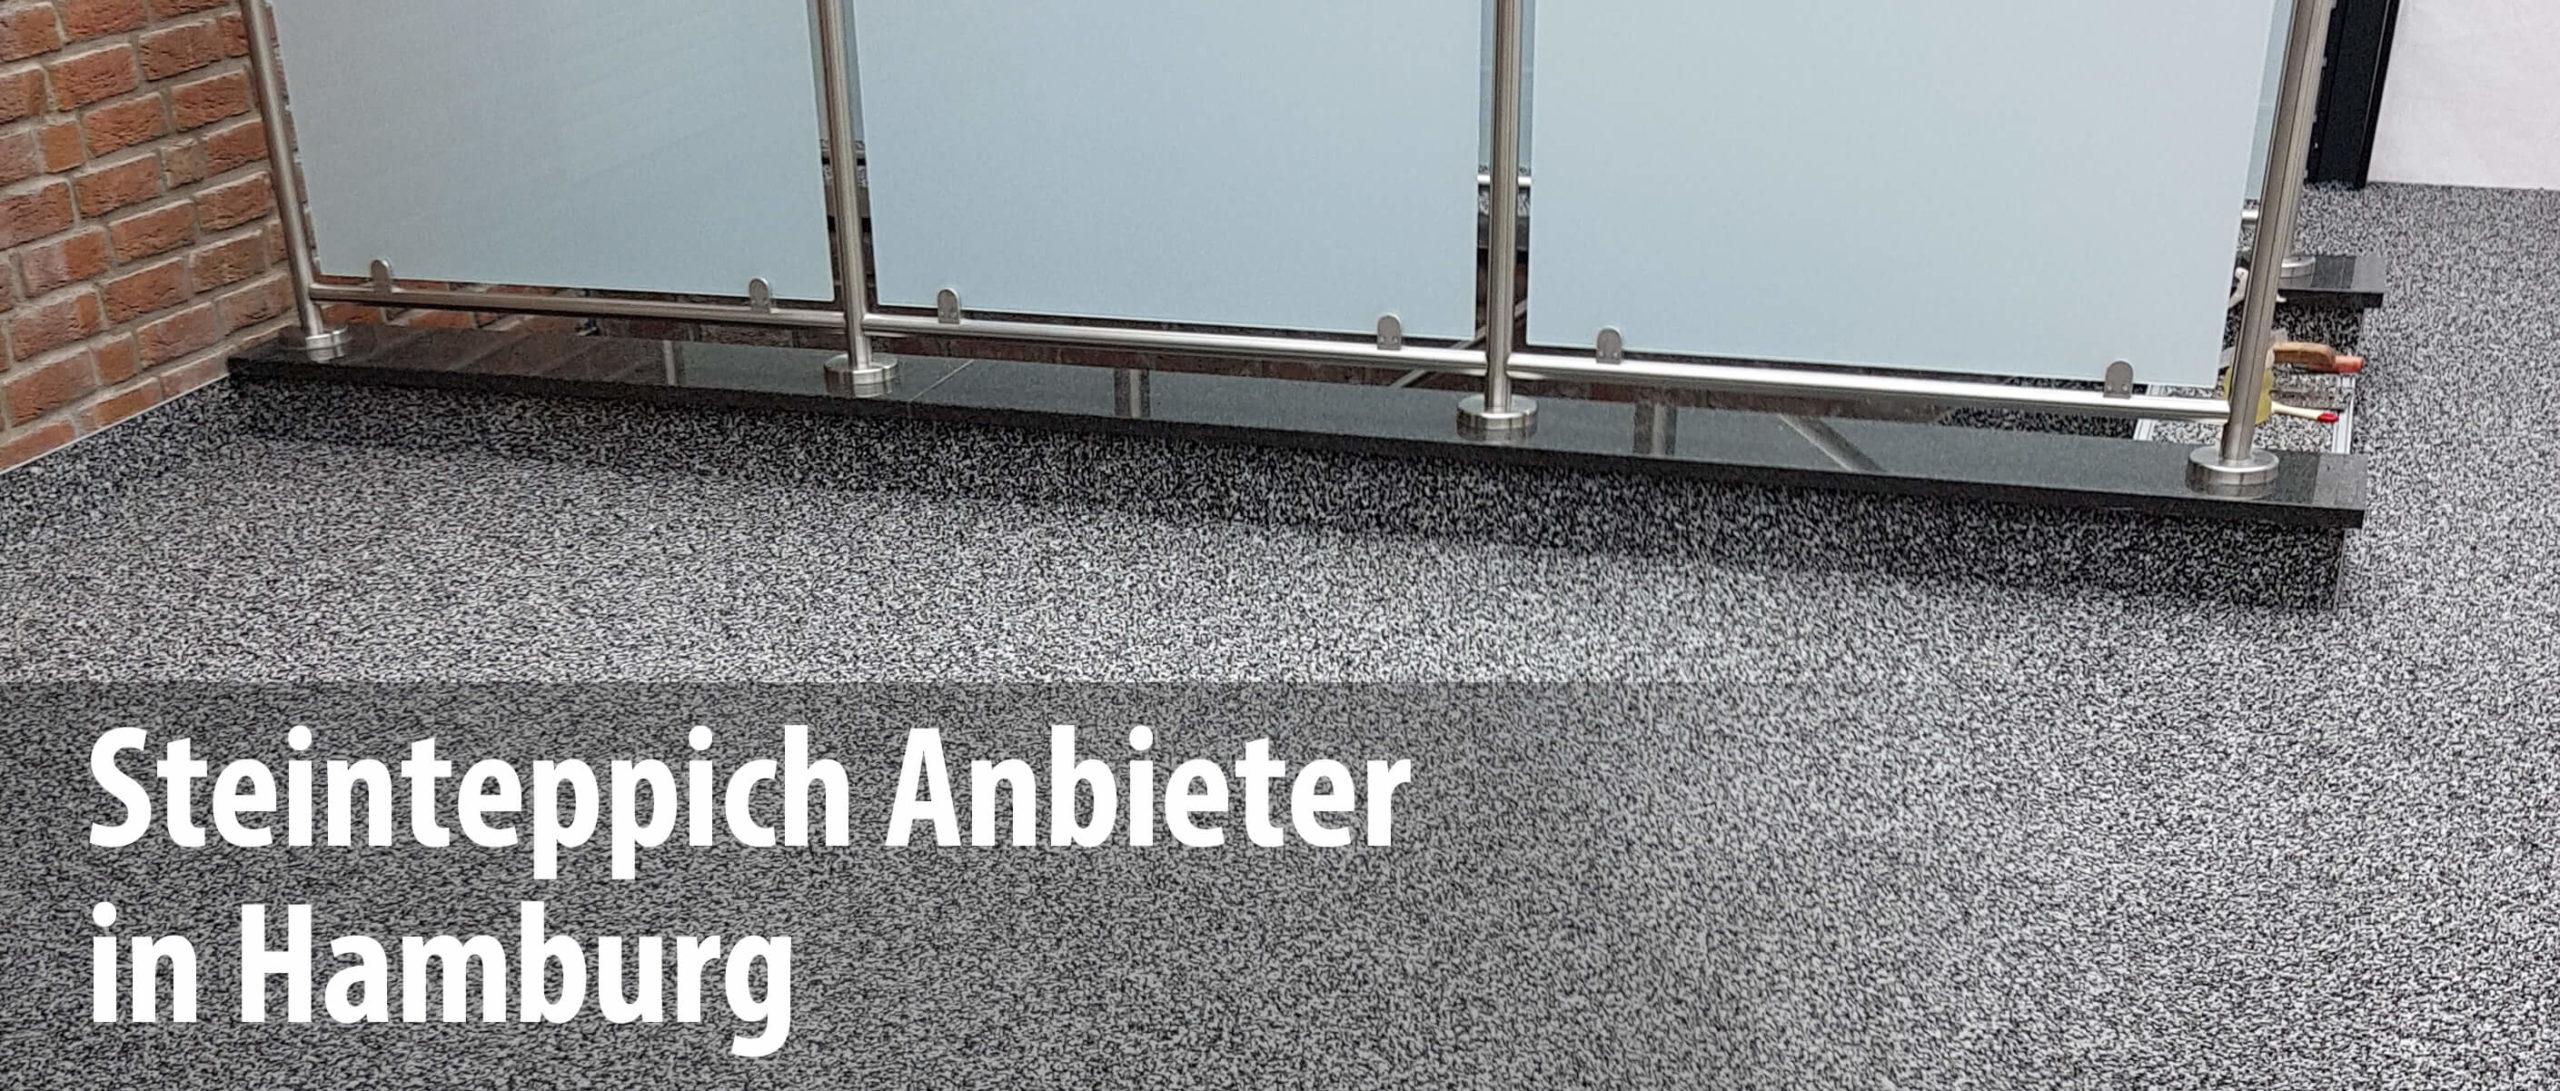 Wir arbeiten mit Steinteppich-Anbietern in Hamburg zusammen und bieten mit unseren Partnern die professionelle Sanierung und Abdichtung von Balkonen und Terrassen.